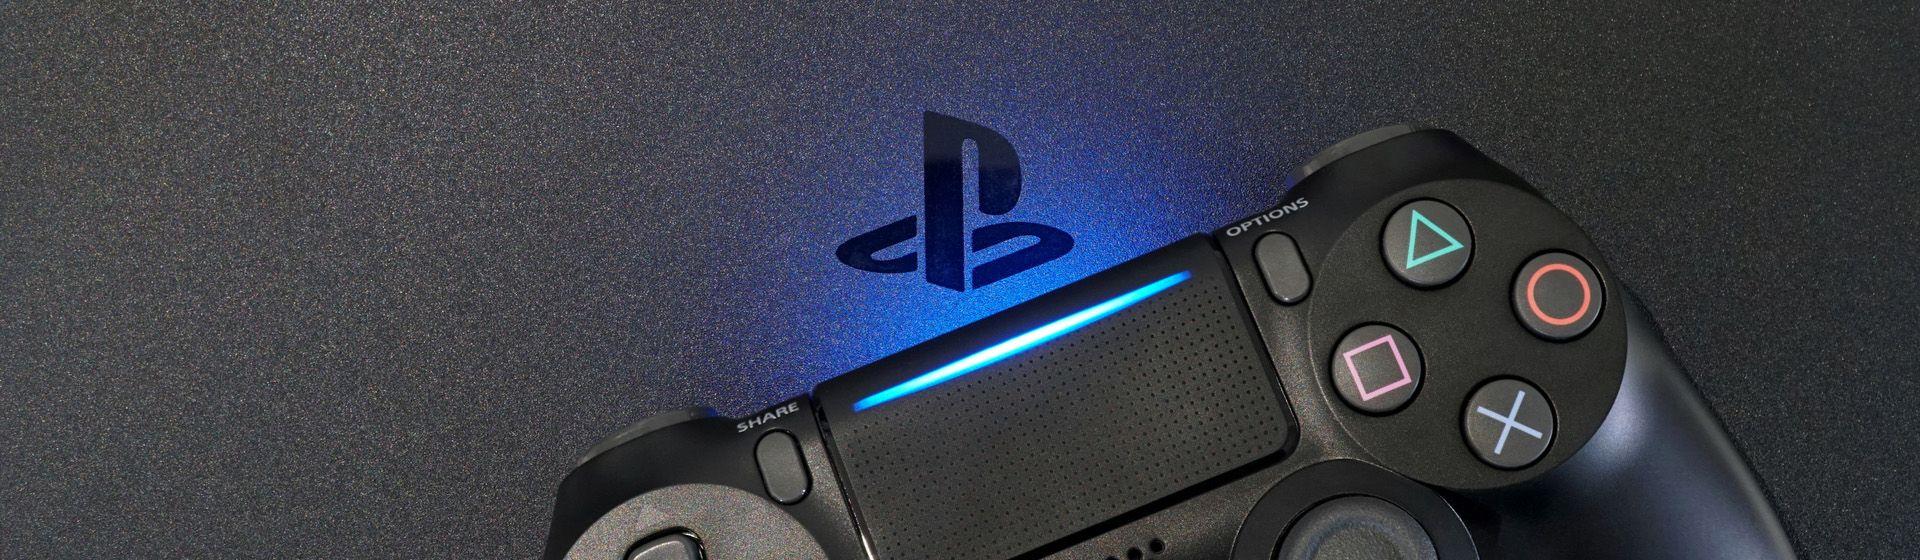 PS4 recebe atualização 8.0 com melhorias na party e avatares novos